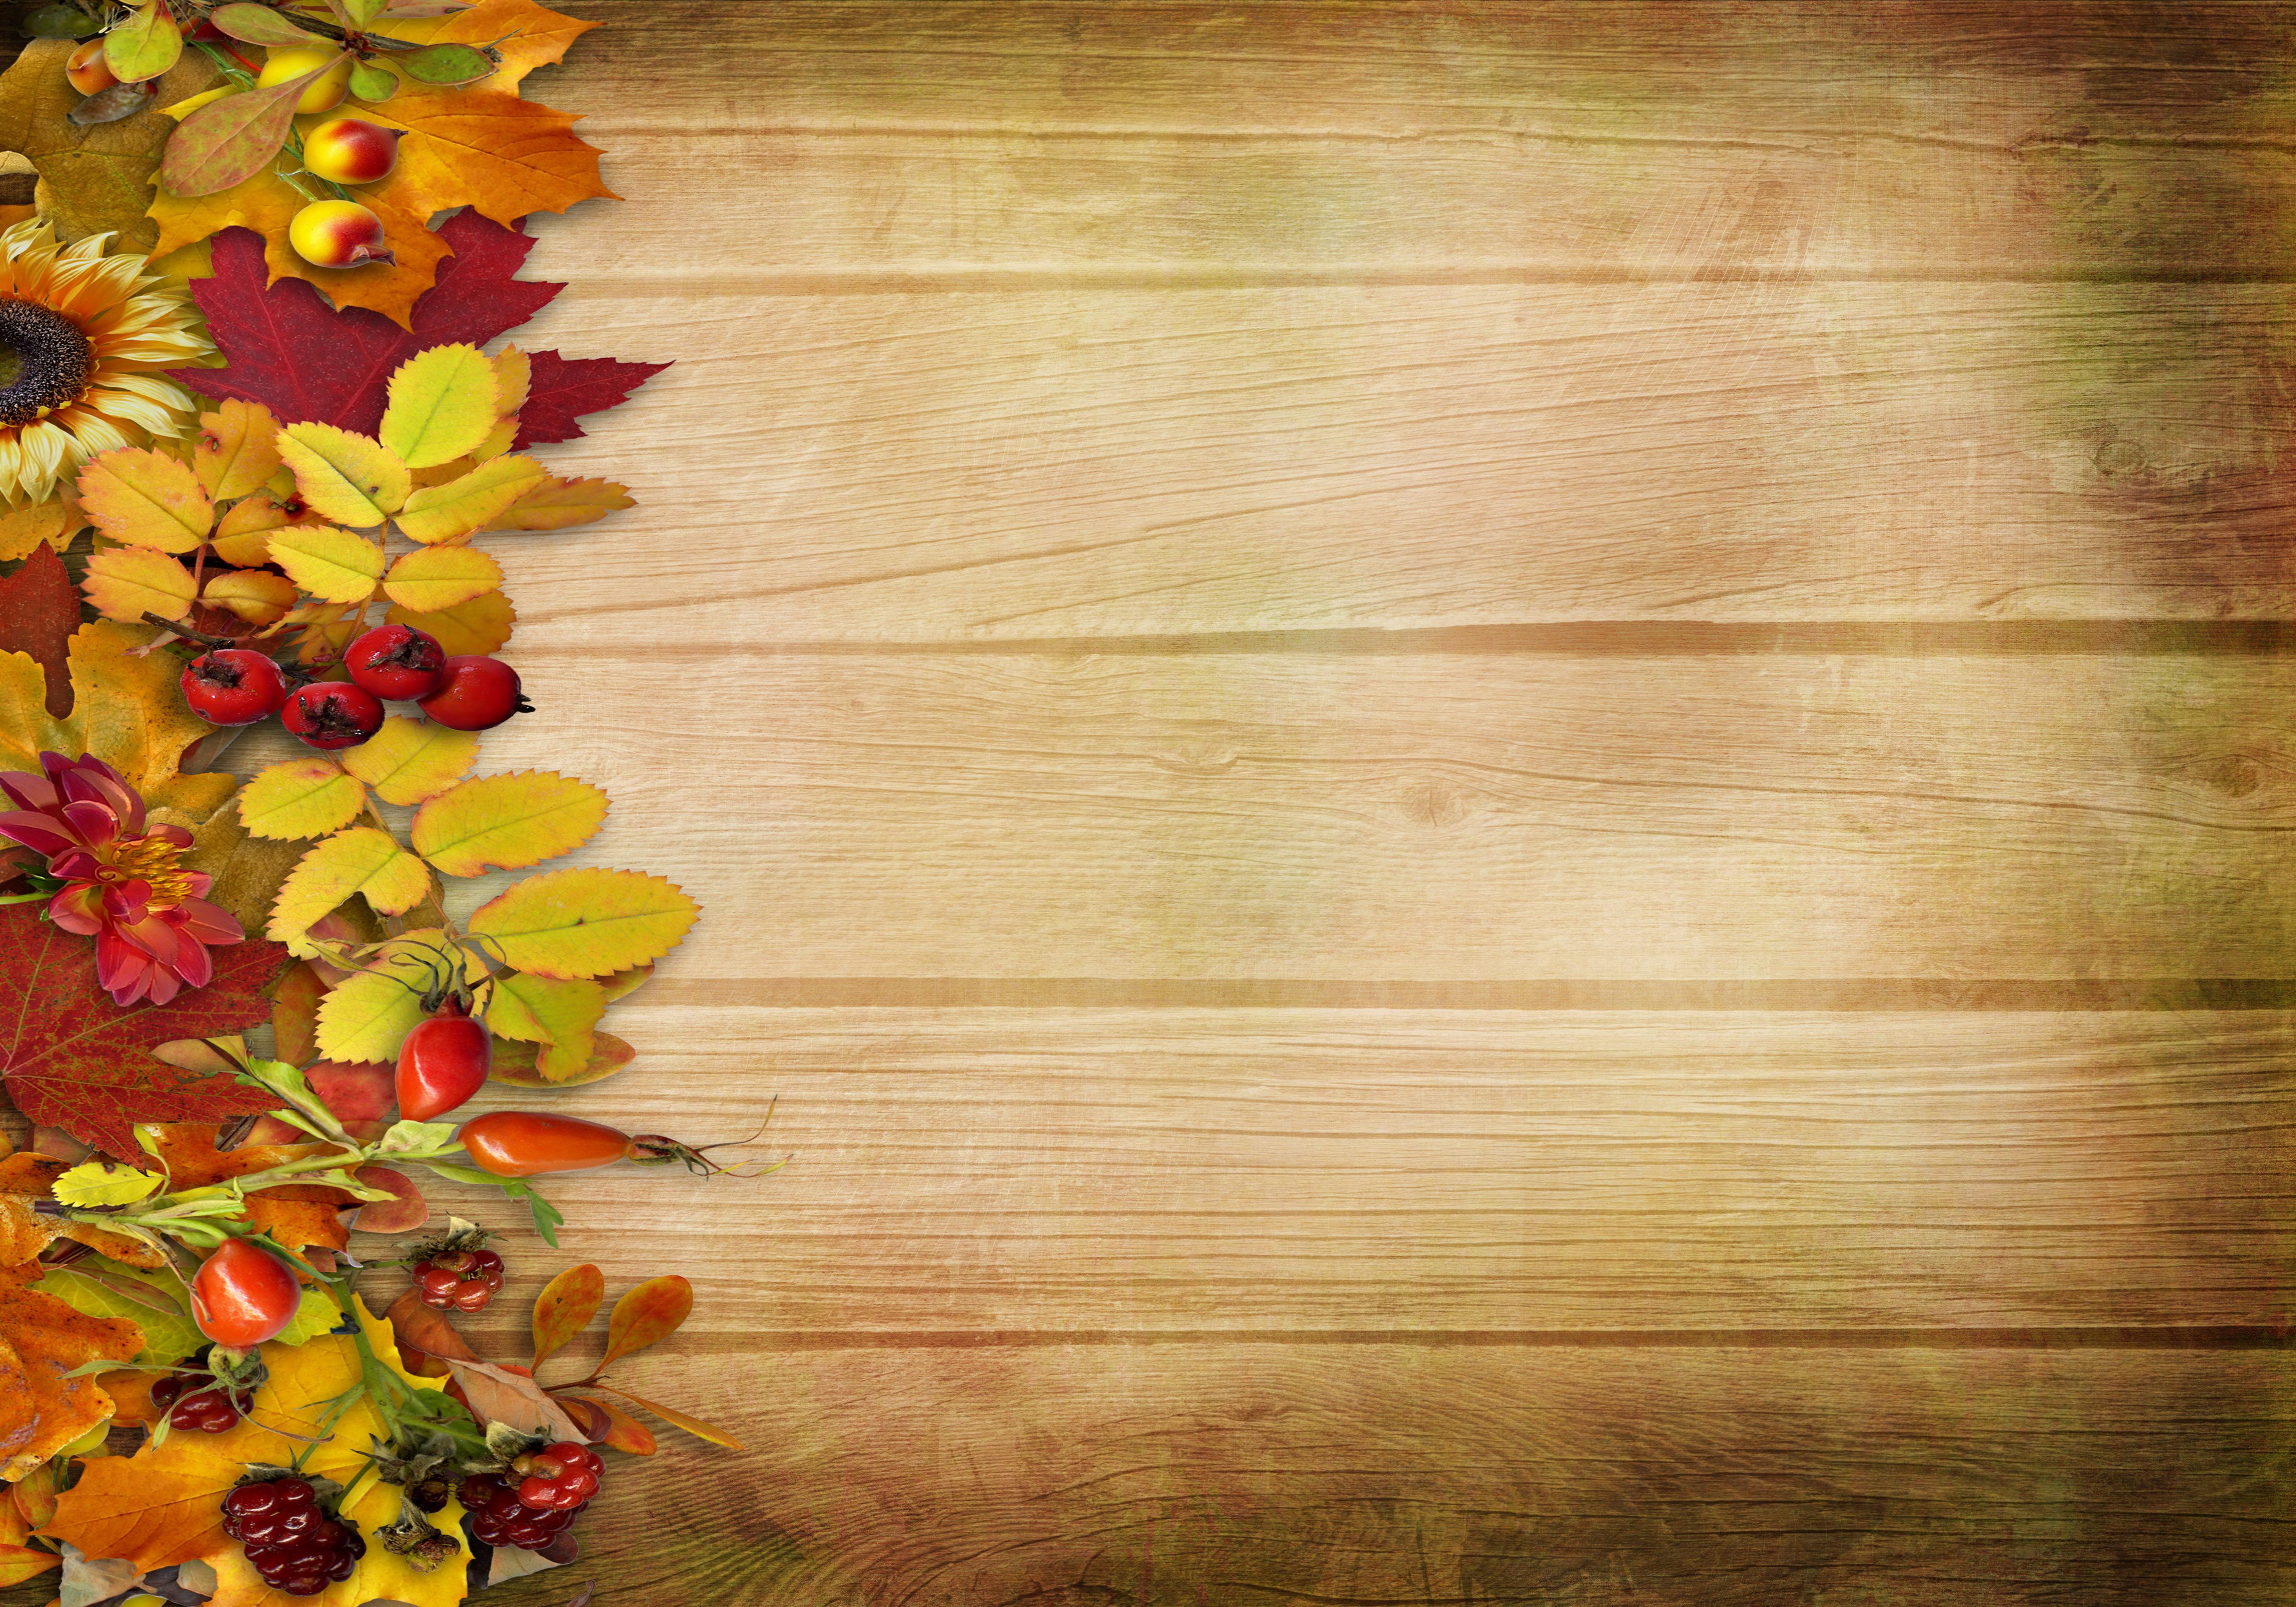 Листья на досках бесплатно